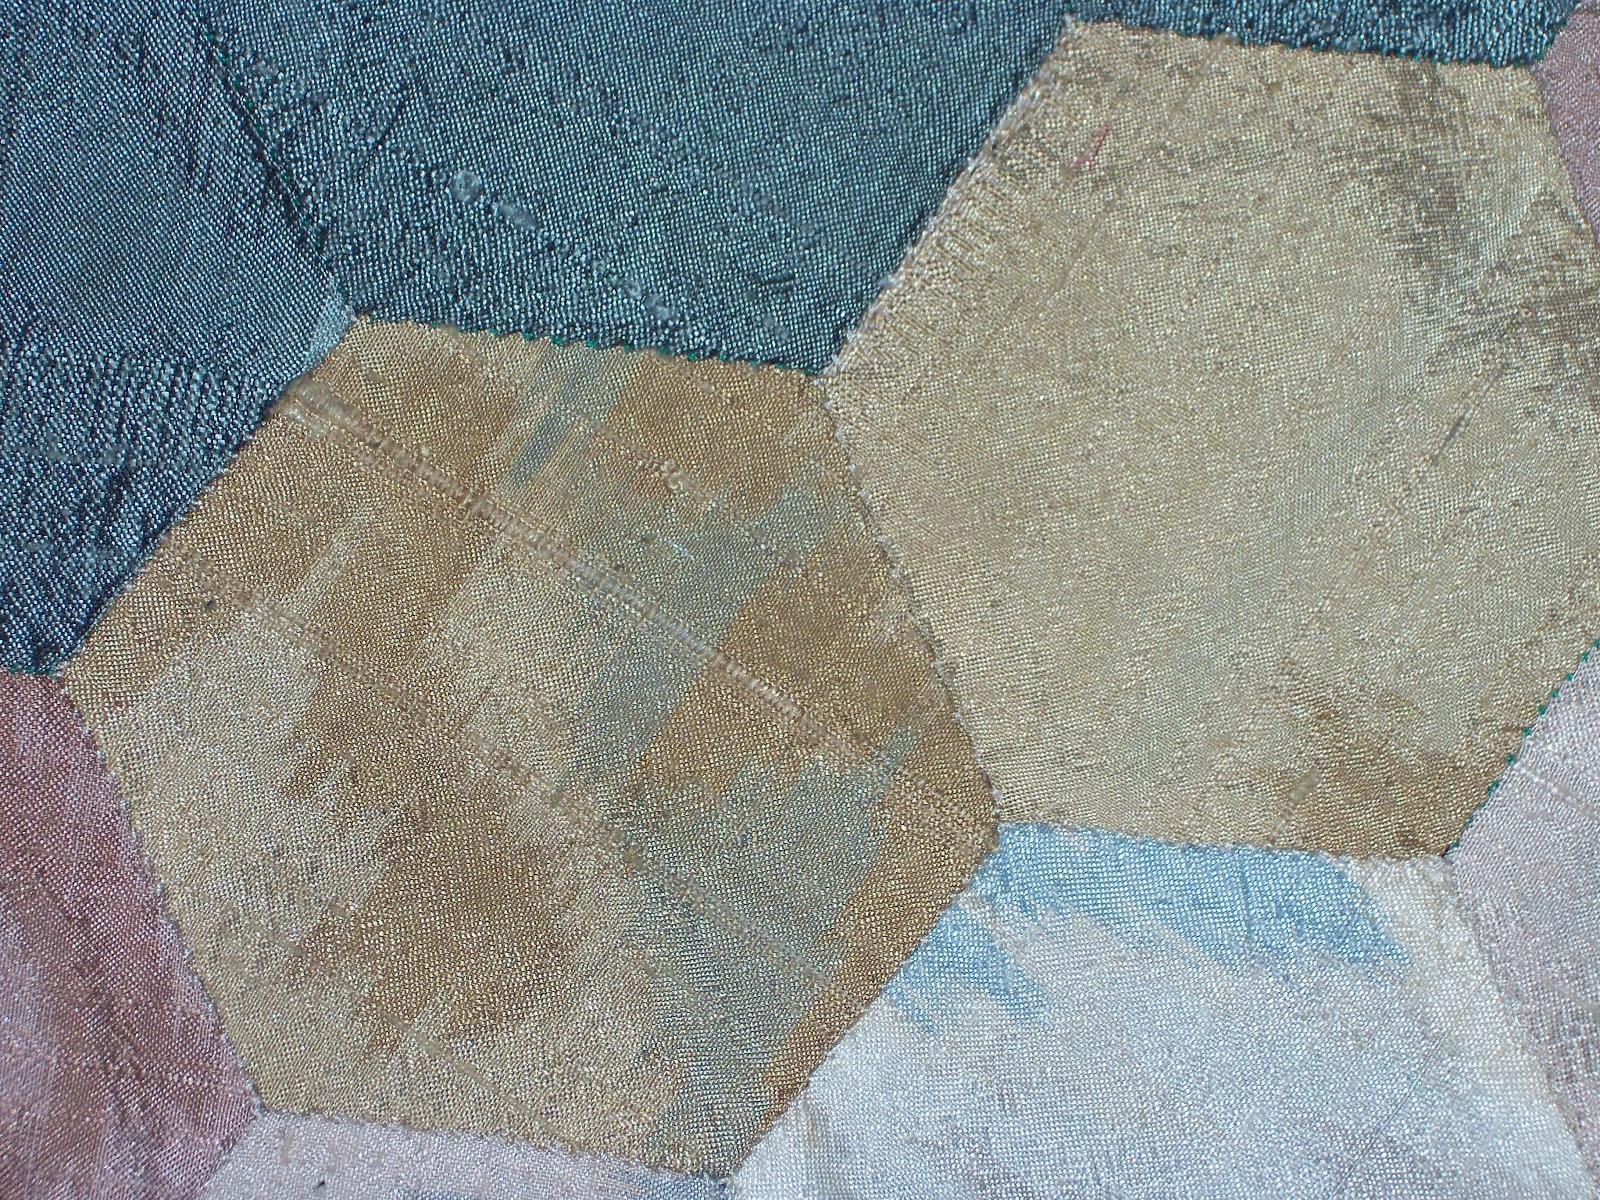 Quilting en temuco primer trabajo de patchwork a mano - Tecnicas de patchwork a mano ...